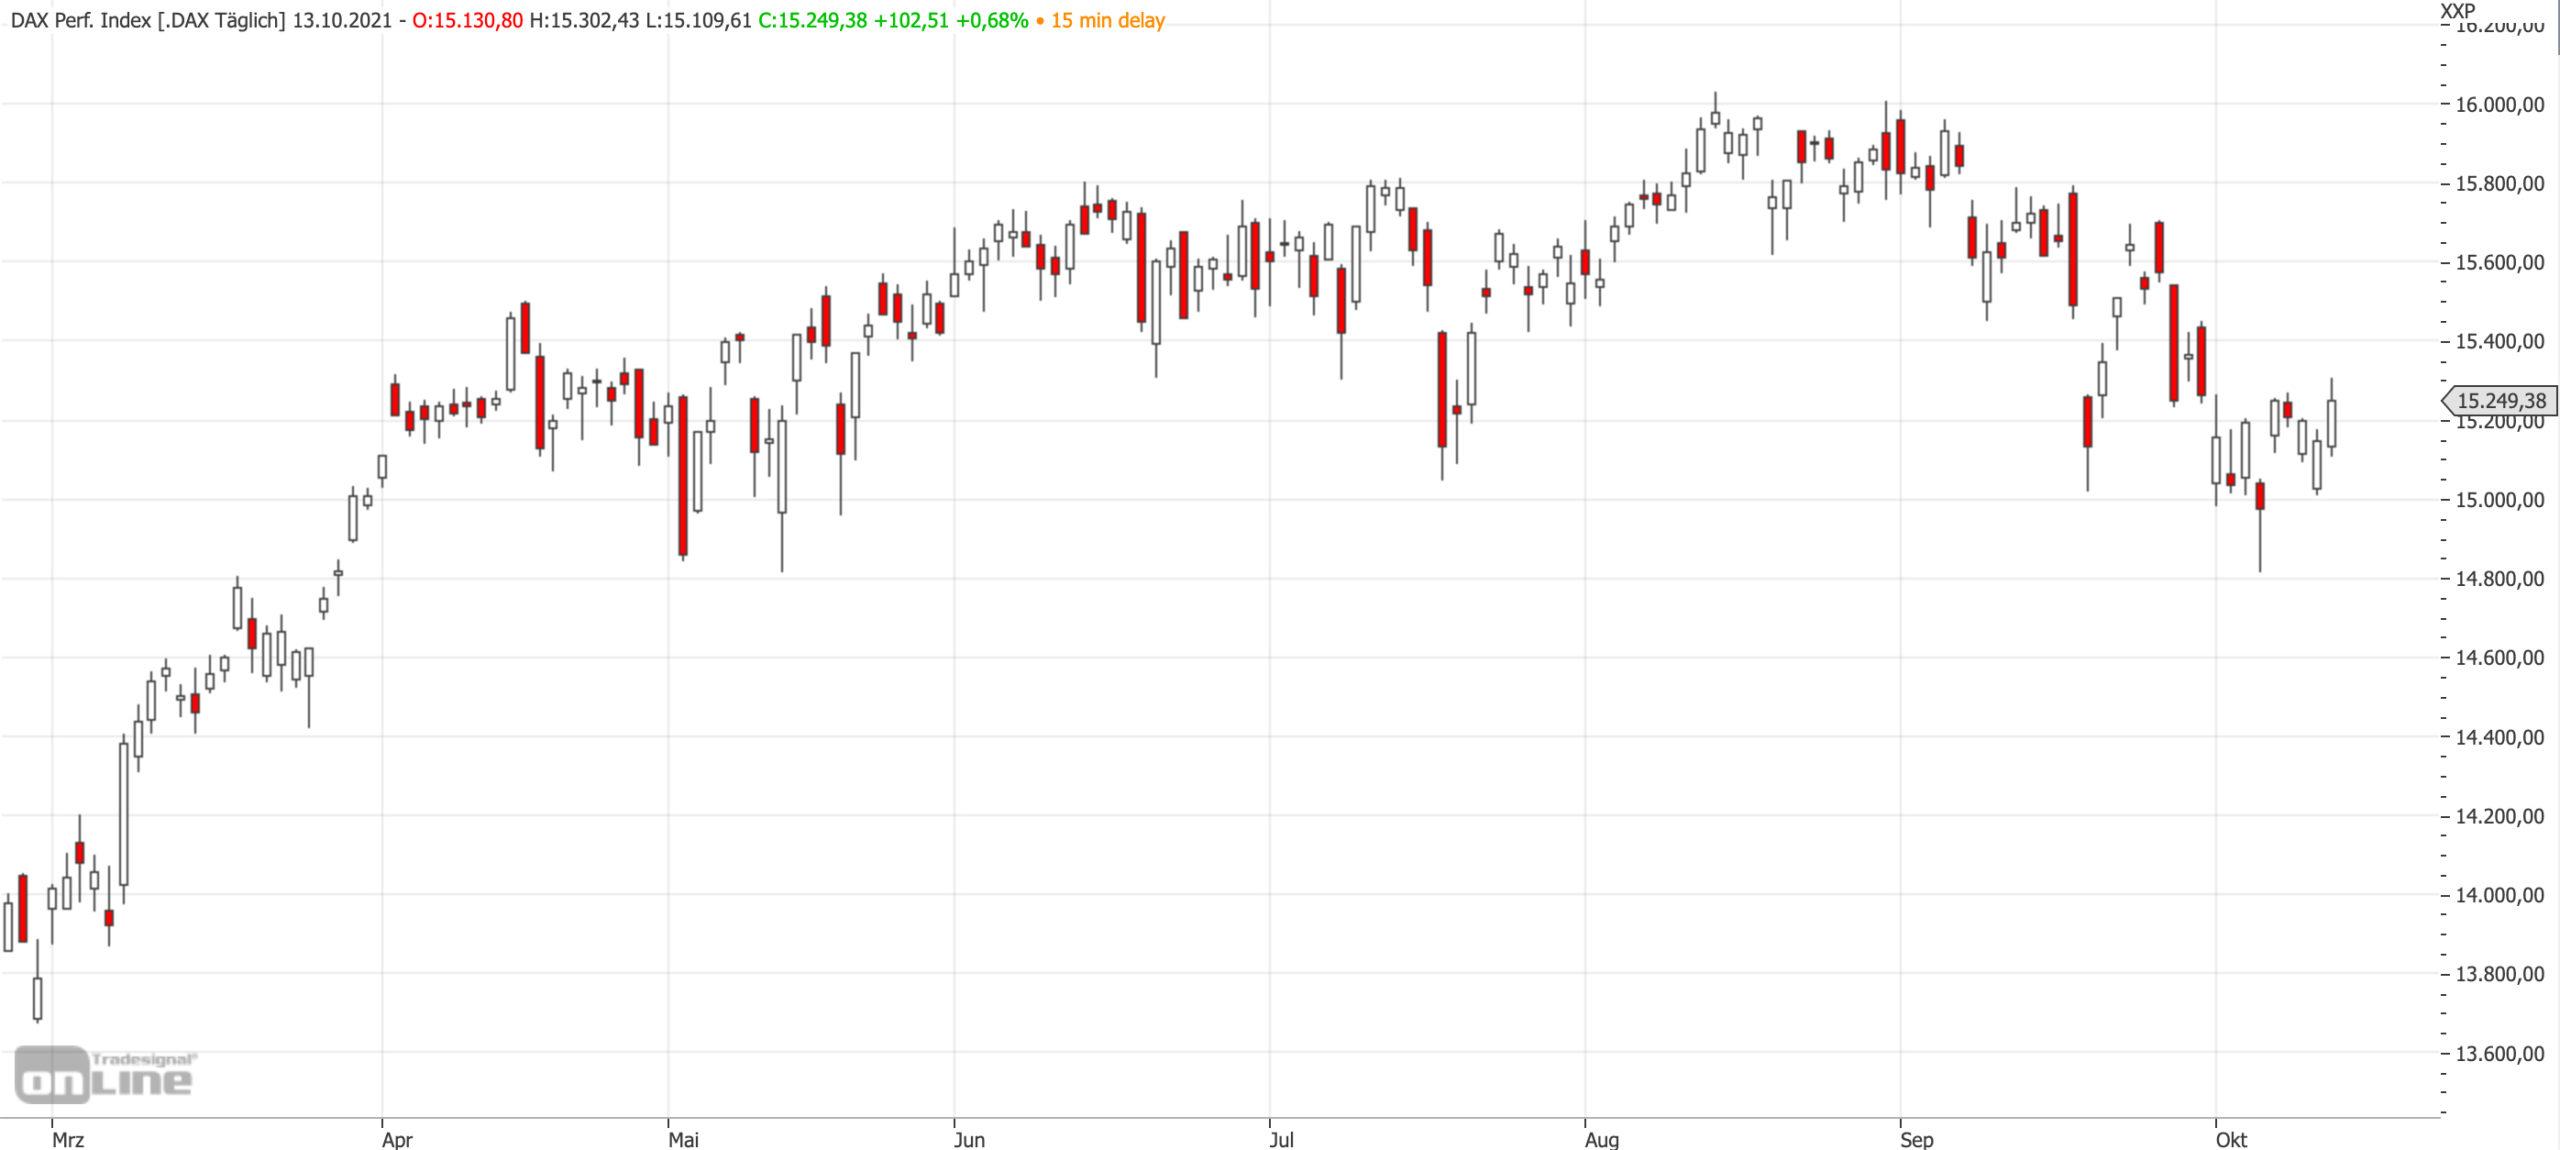 Mittelfristiger DAX-Chart zum 13.10.2021